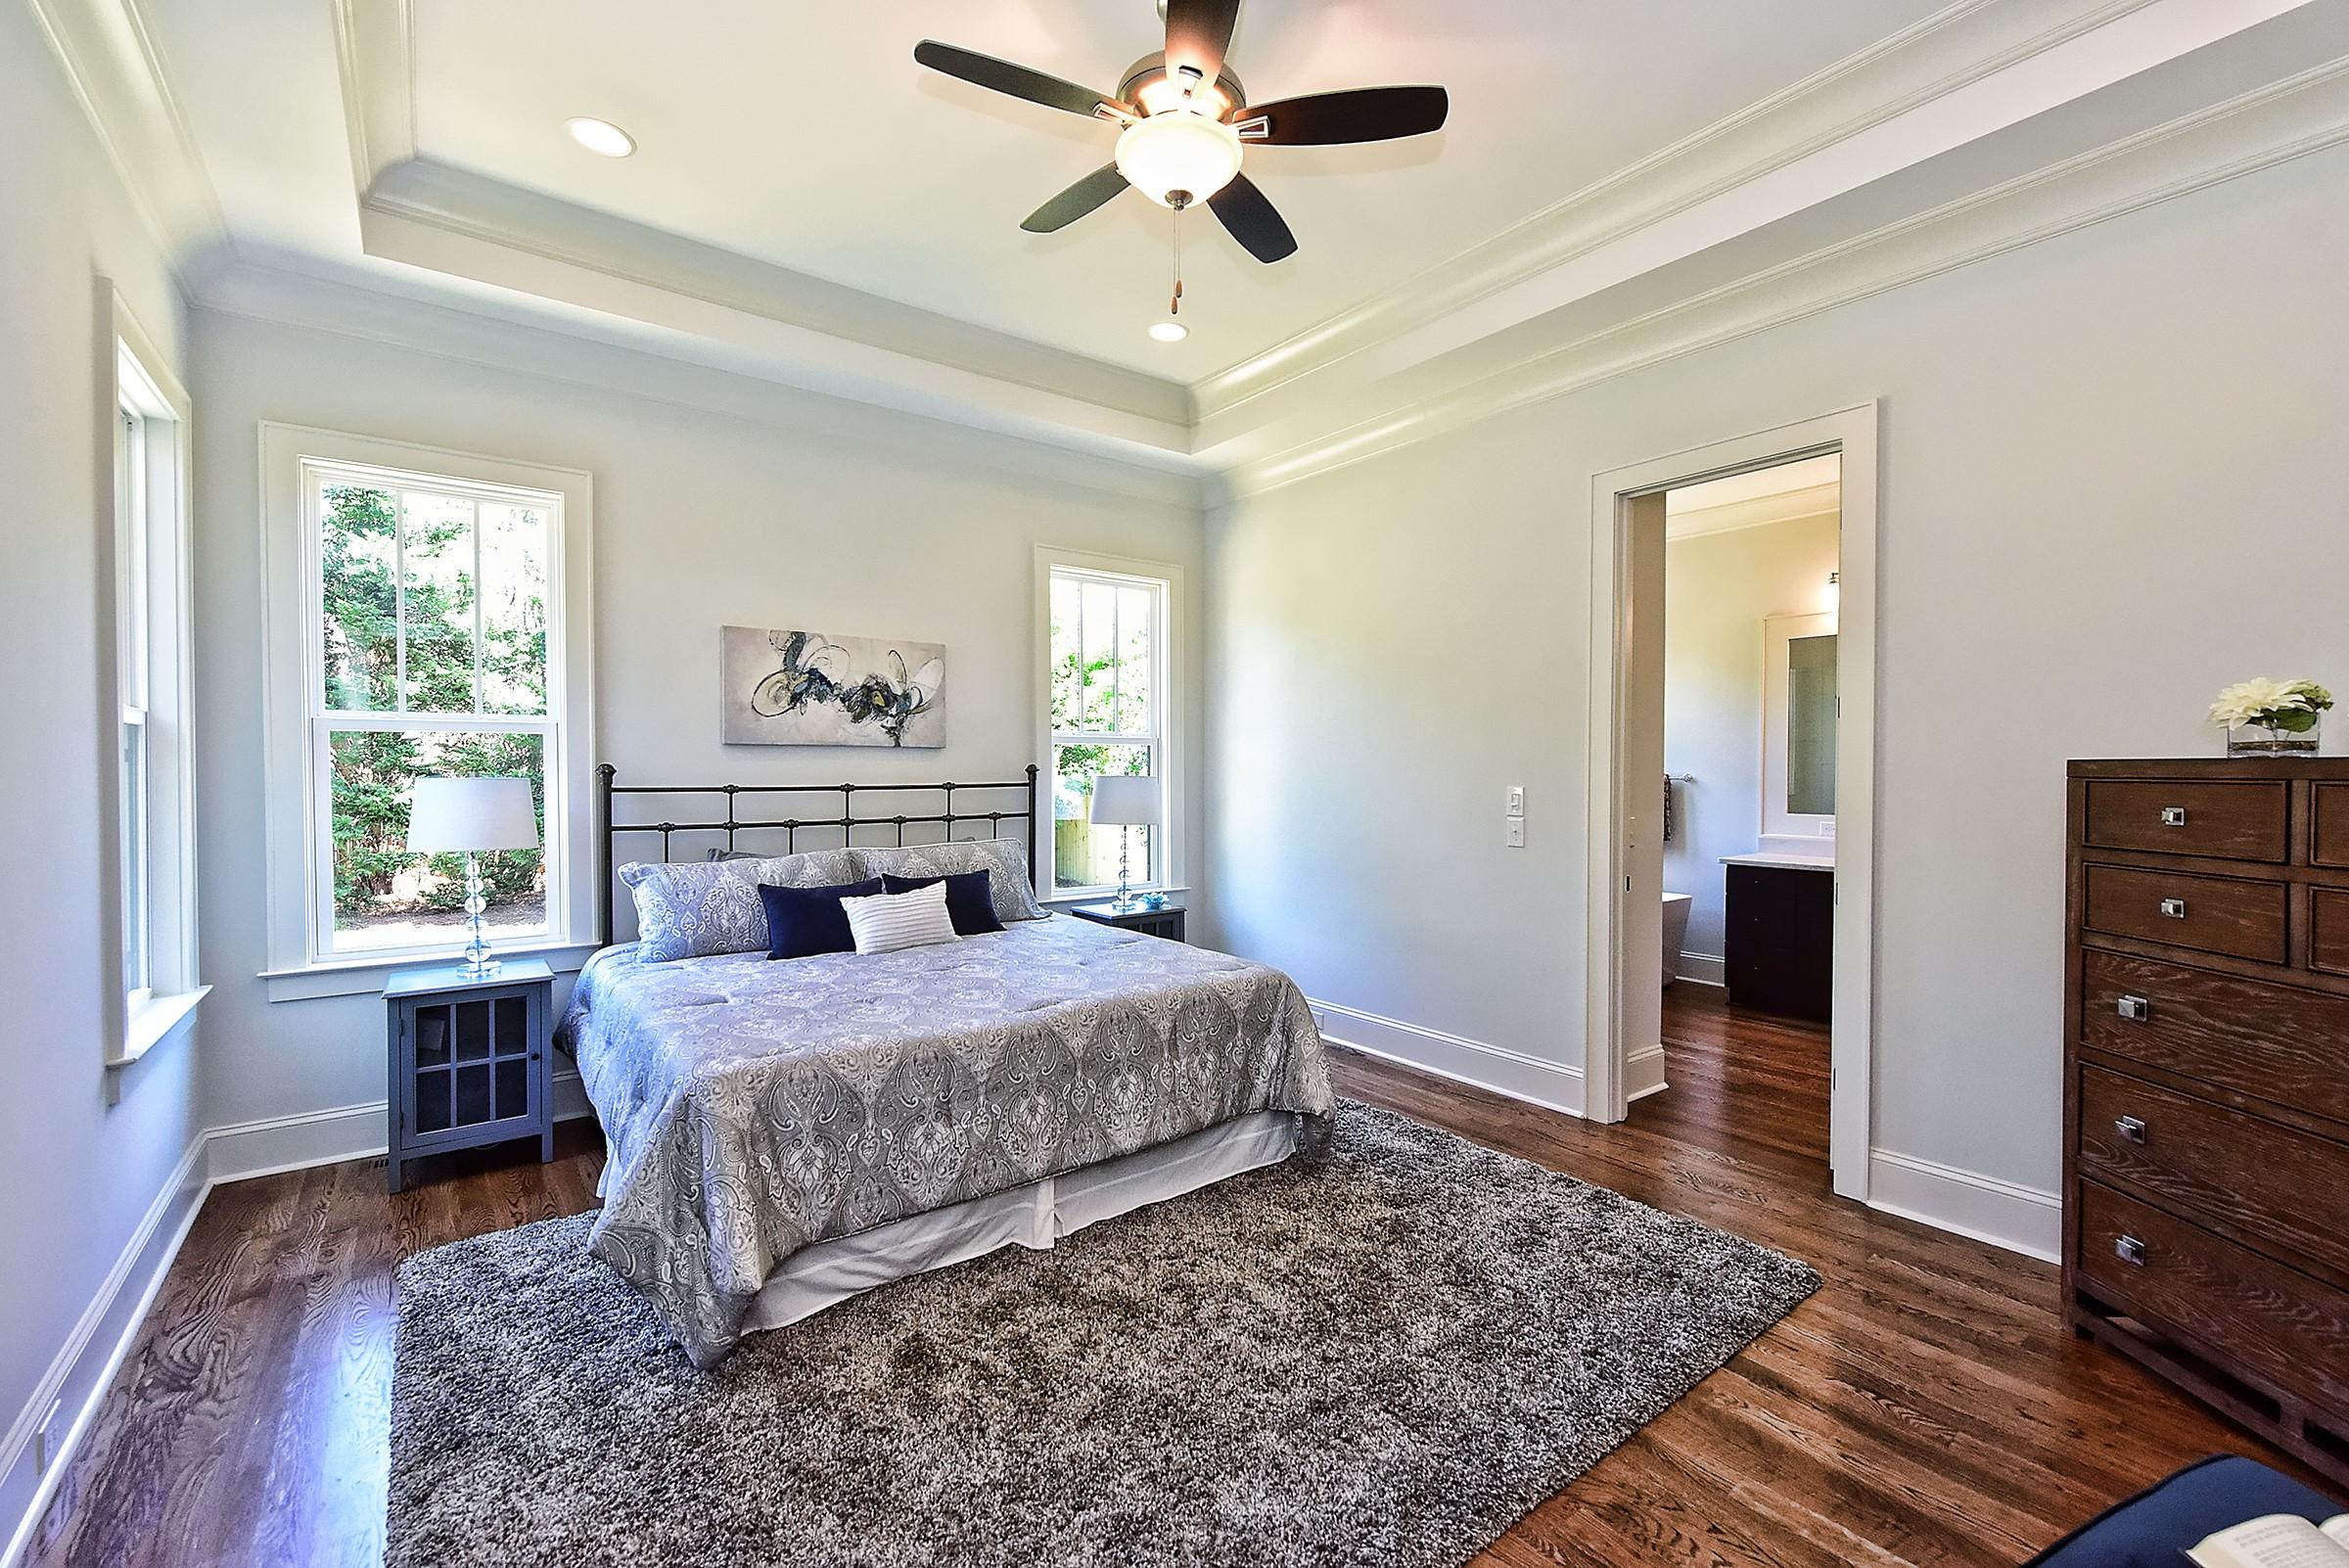 034_Master Bedroom.jpg